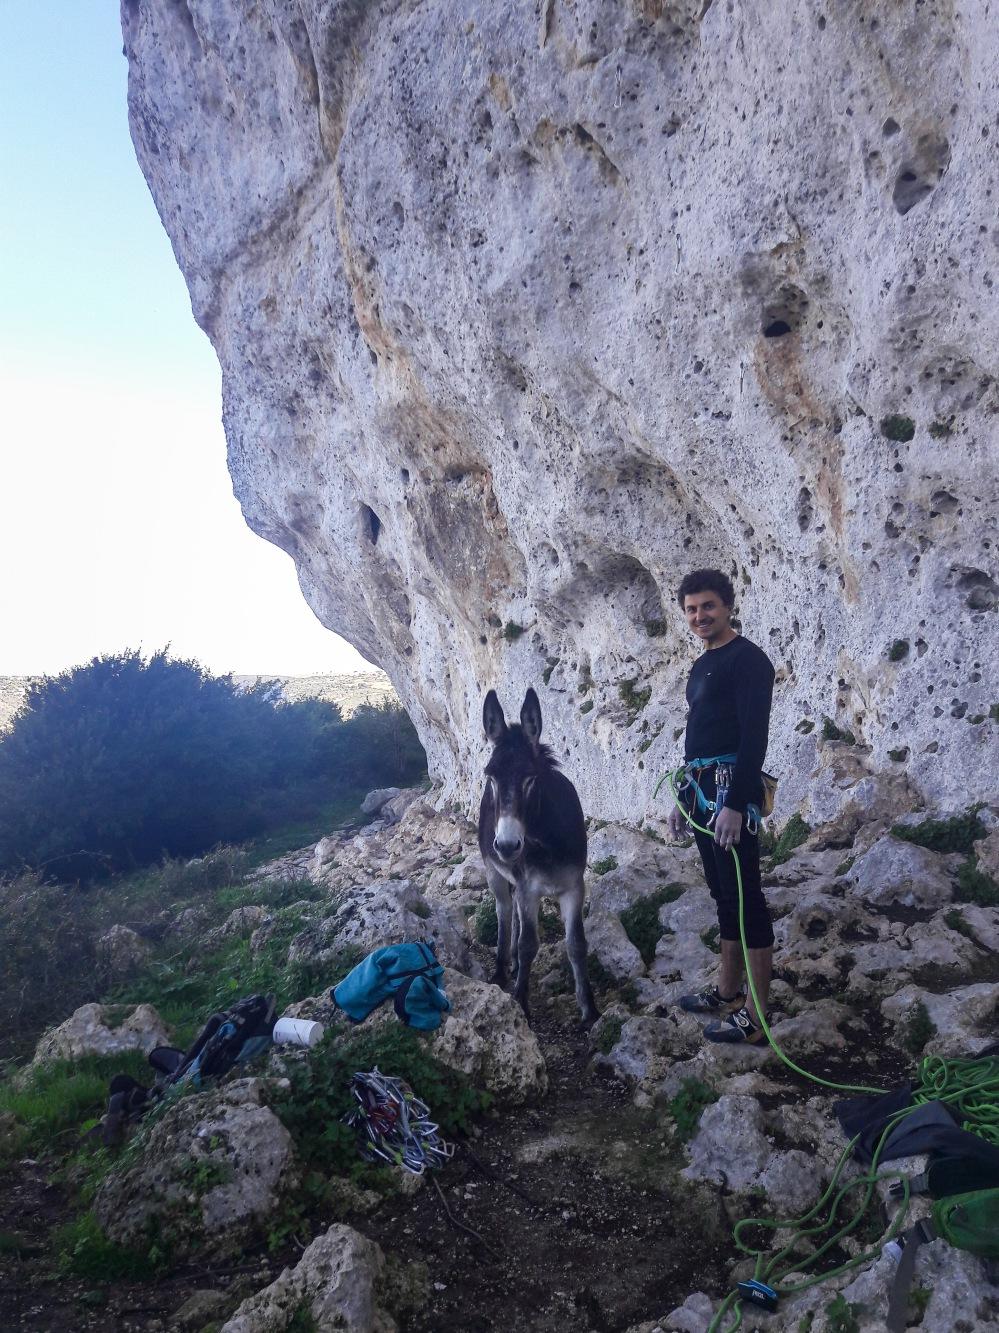 Matze und der Esel beim Klettern. Sardinien